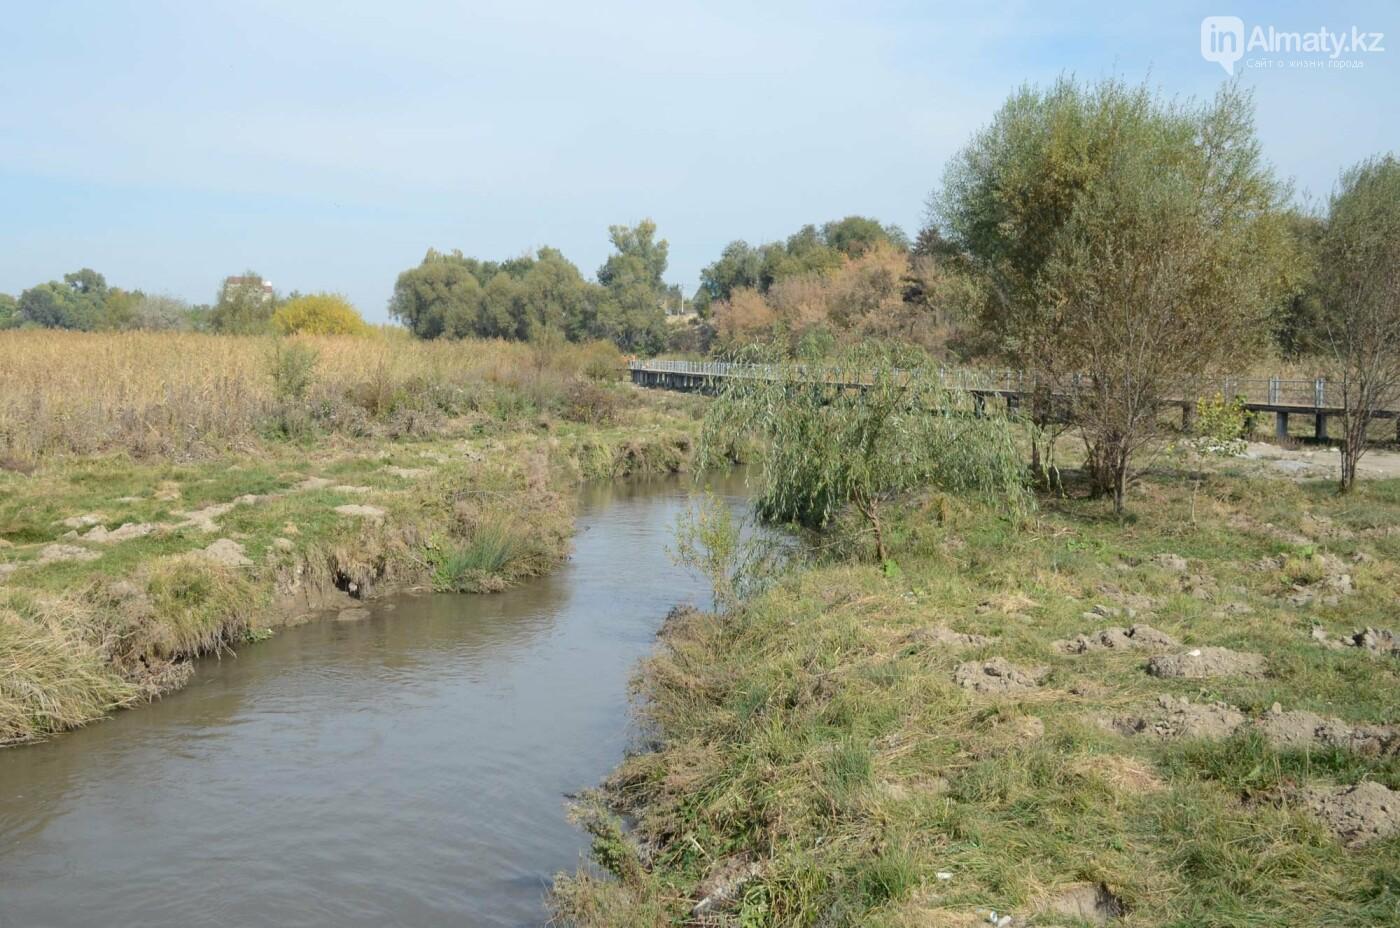 Как выглядит новый парк в зоне Аэропортовского озера и микрорайона Жас Канат в Алматы, фото-8